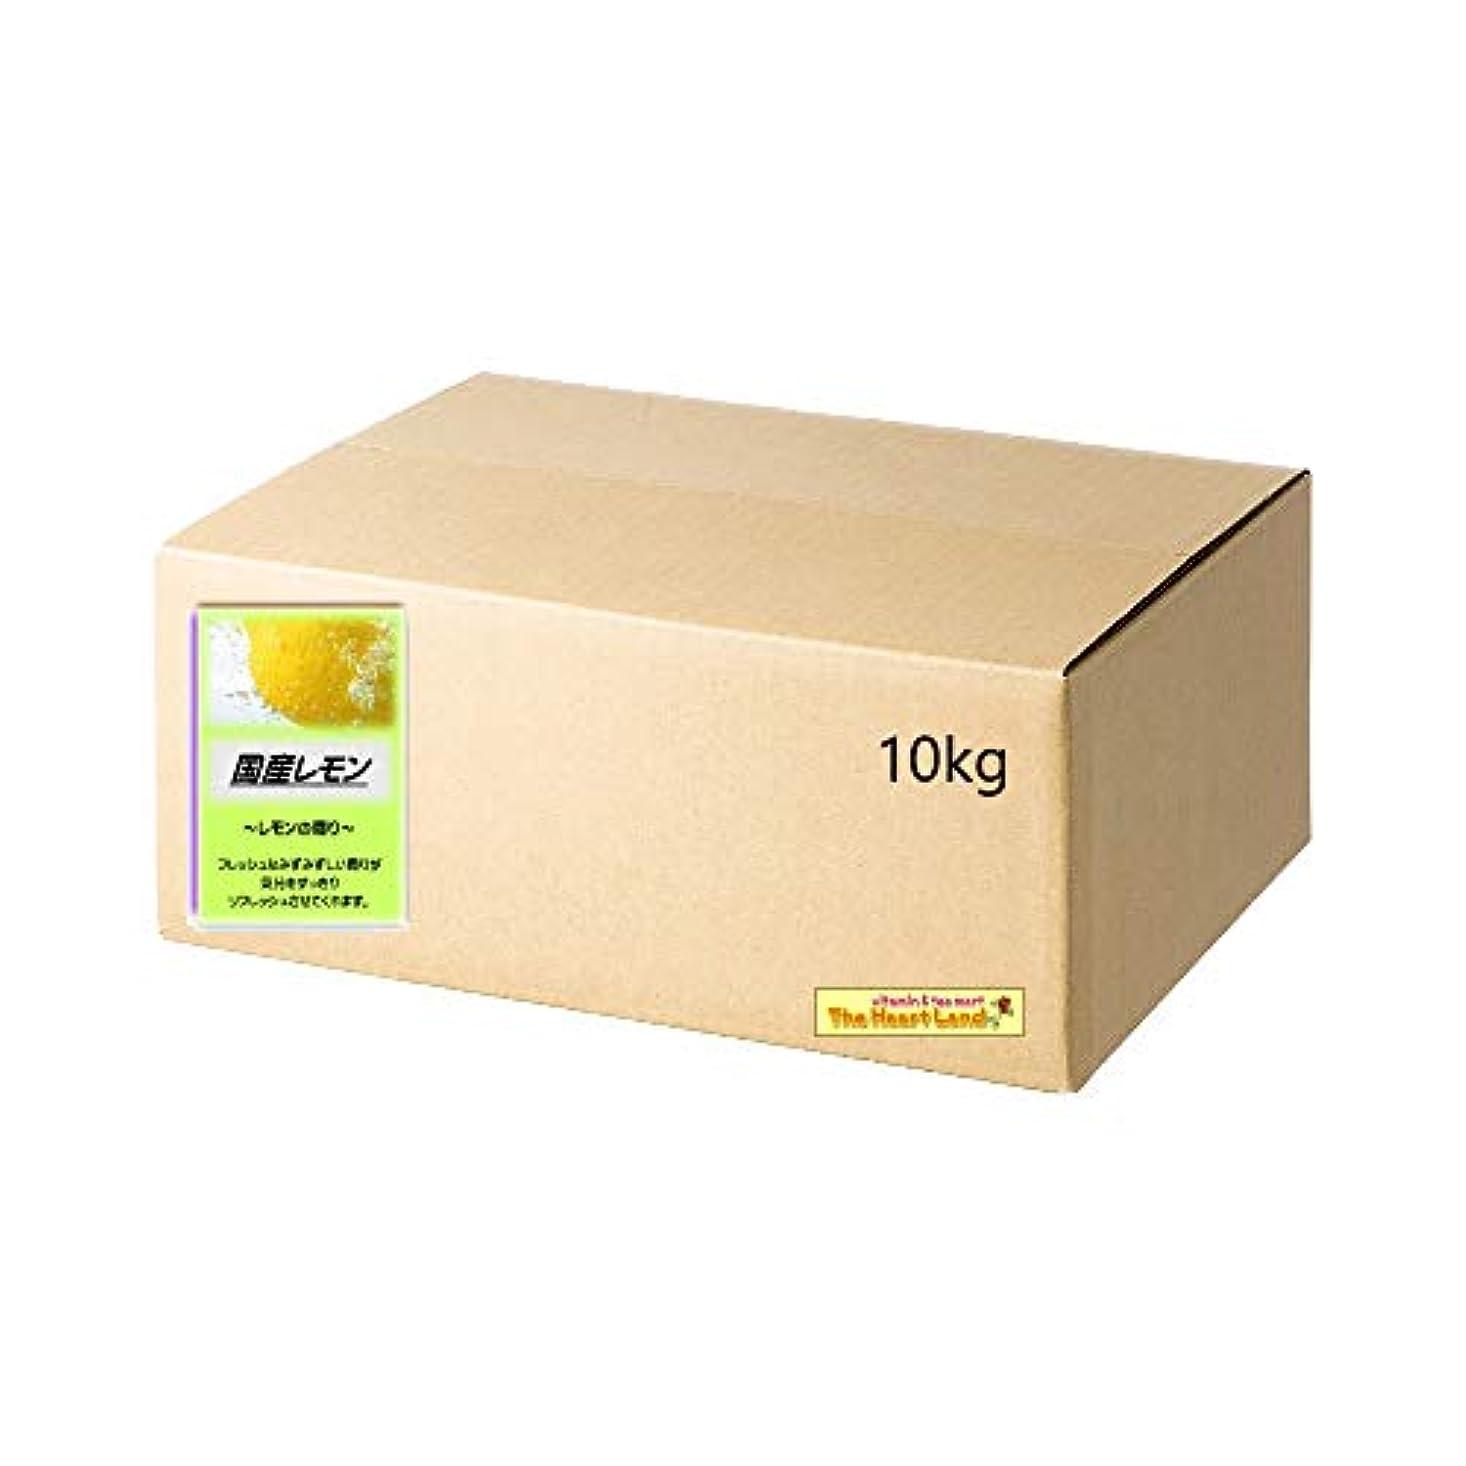 現実的国内の間隔アサヒ入浴剤 浴用入浴化粧品 国産レモン 10kg